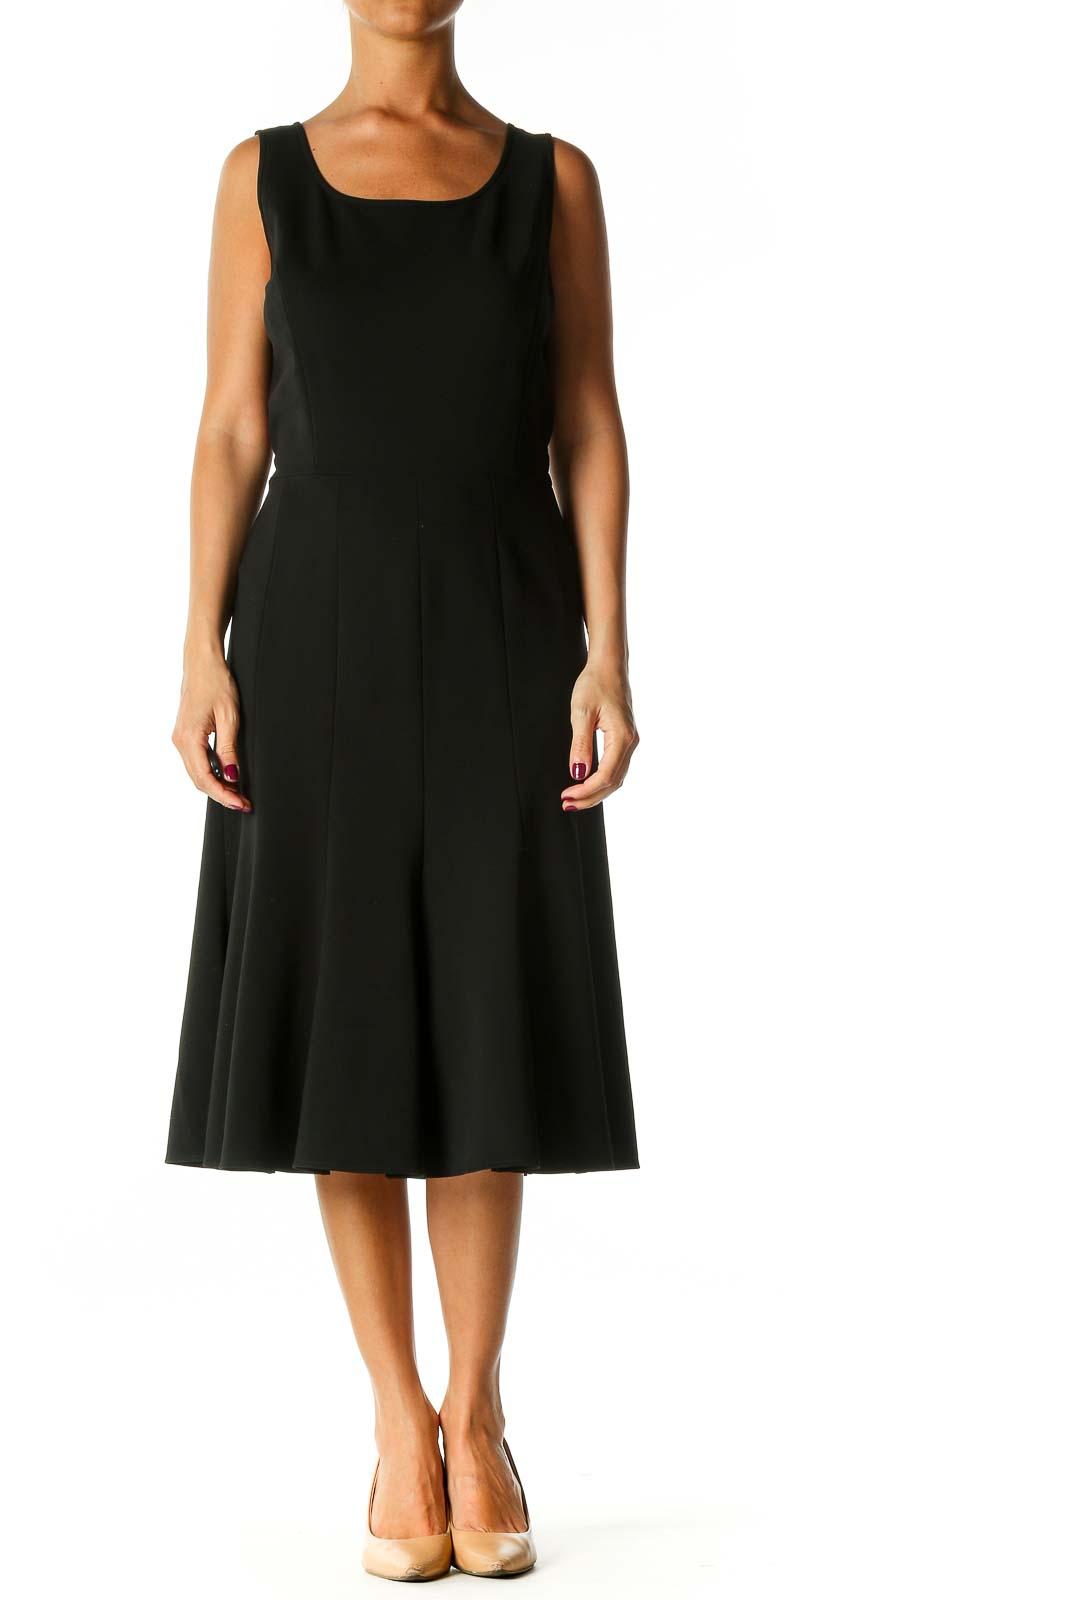 Black Solid Semiformal A-Line Dress Front